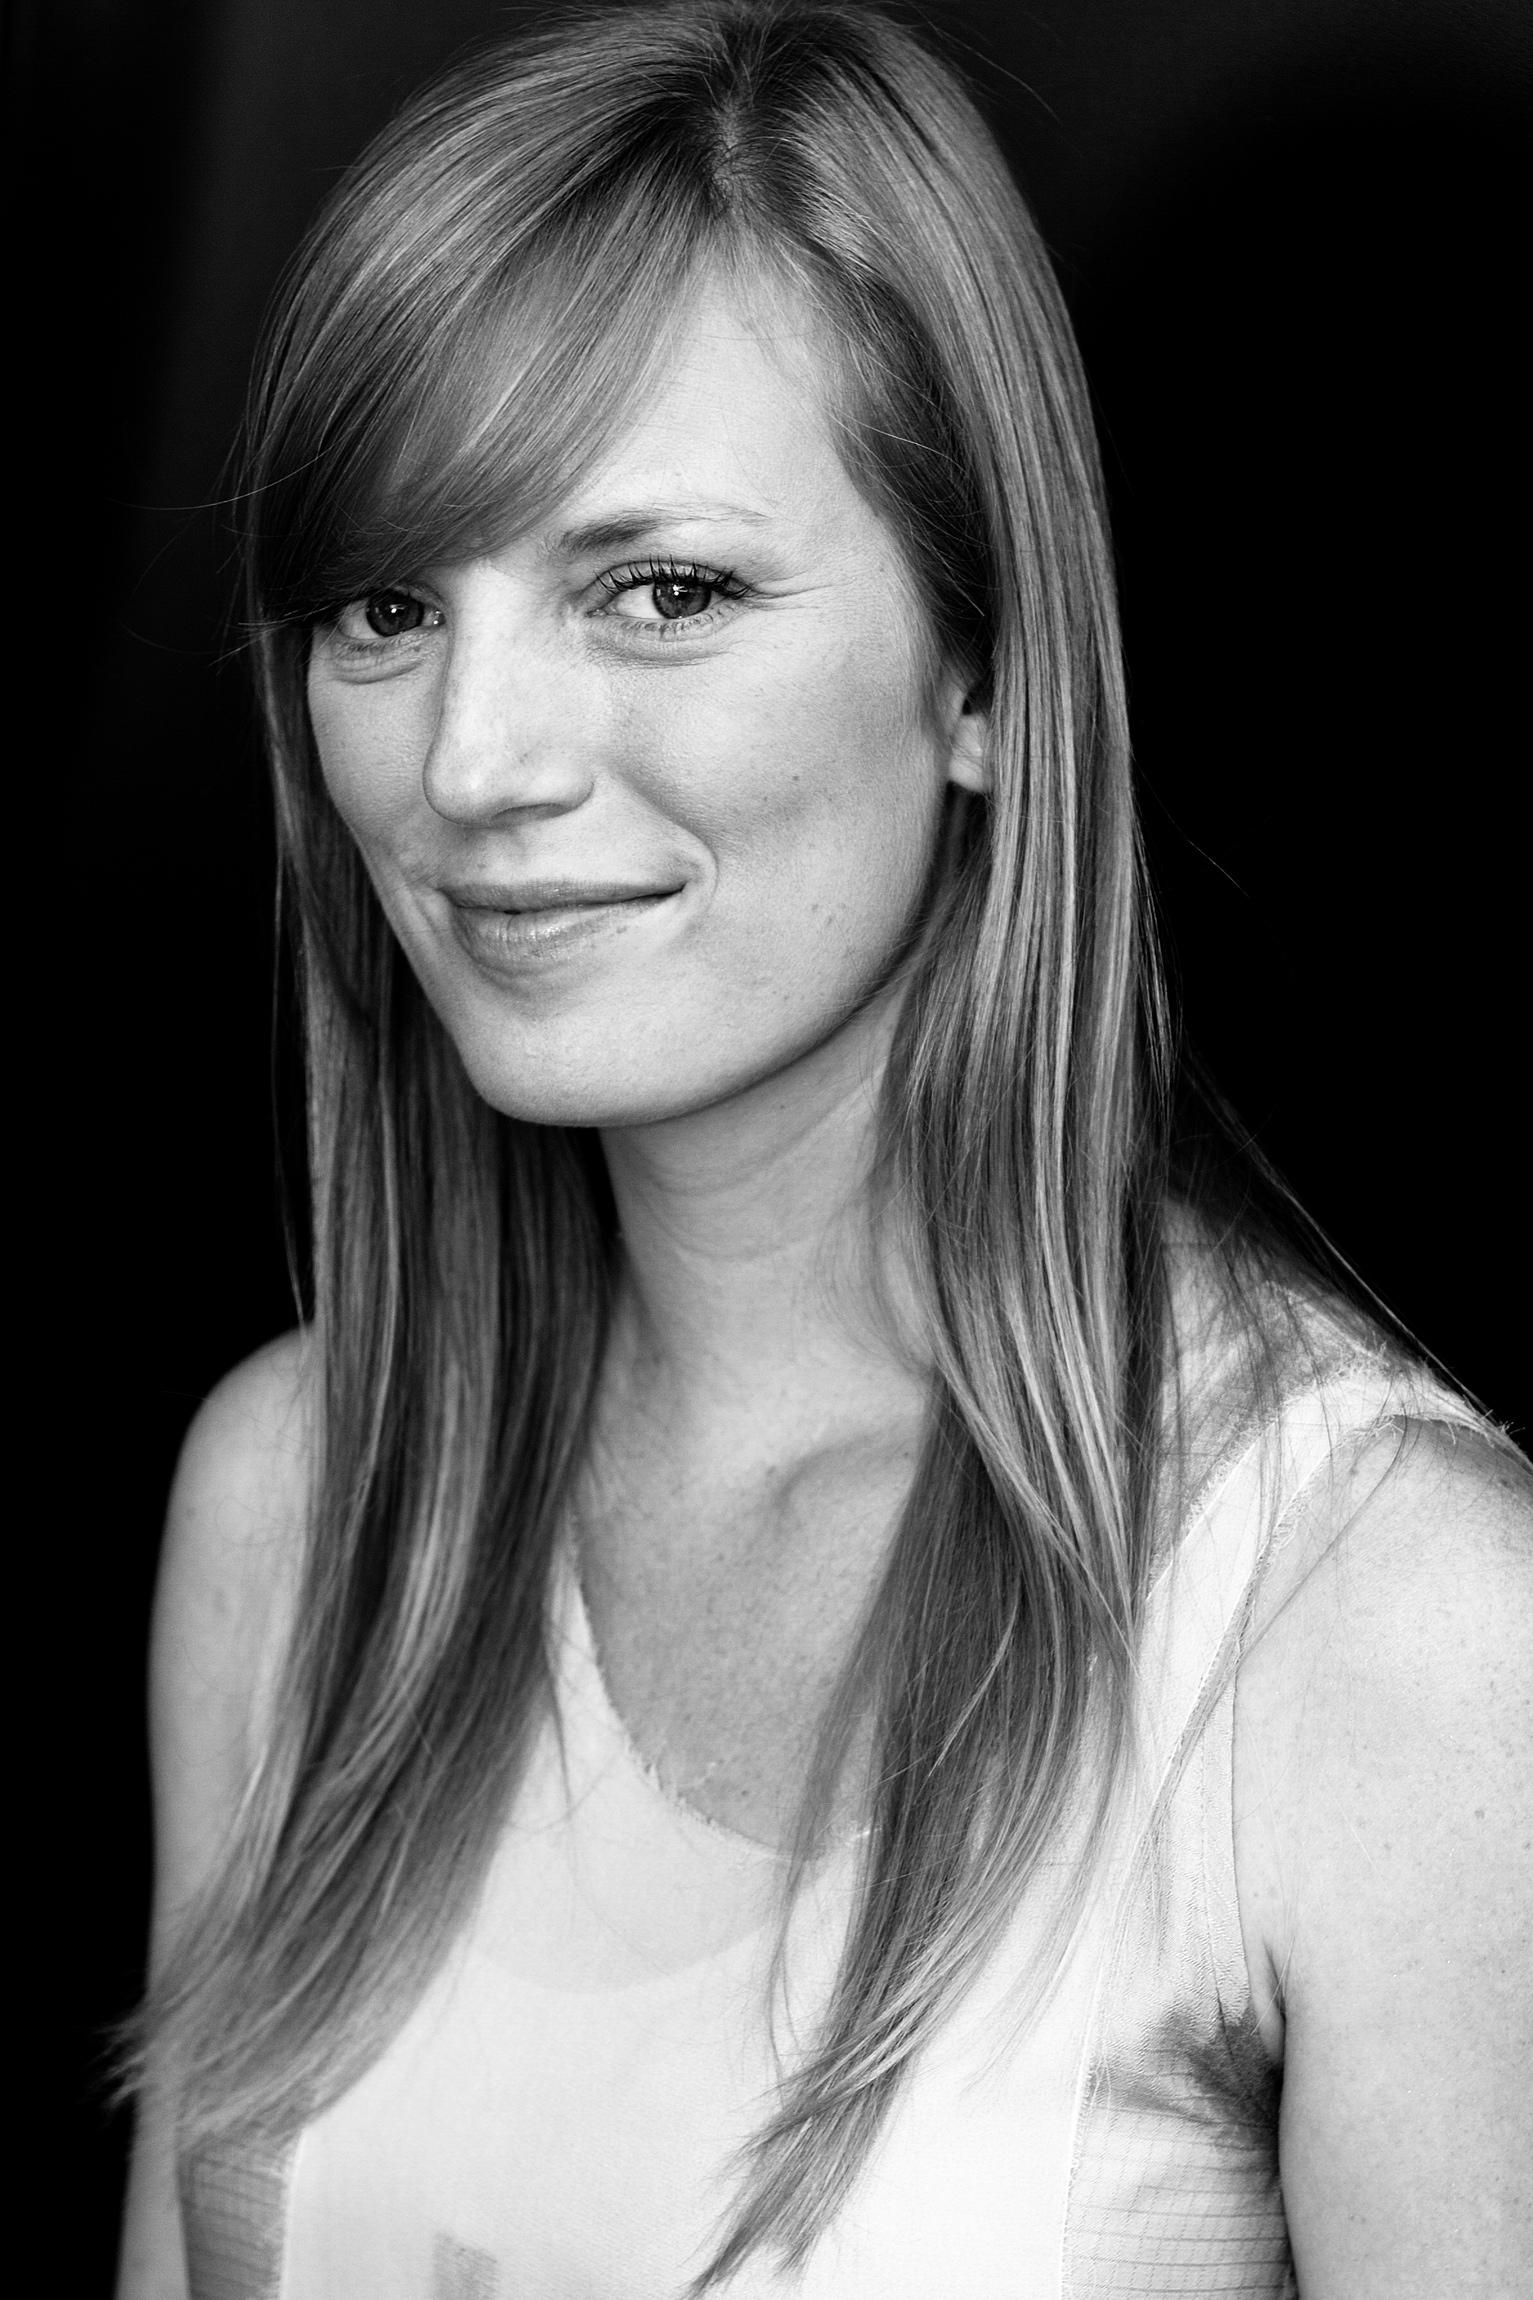 Sarah Polley actress